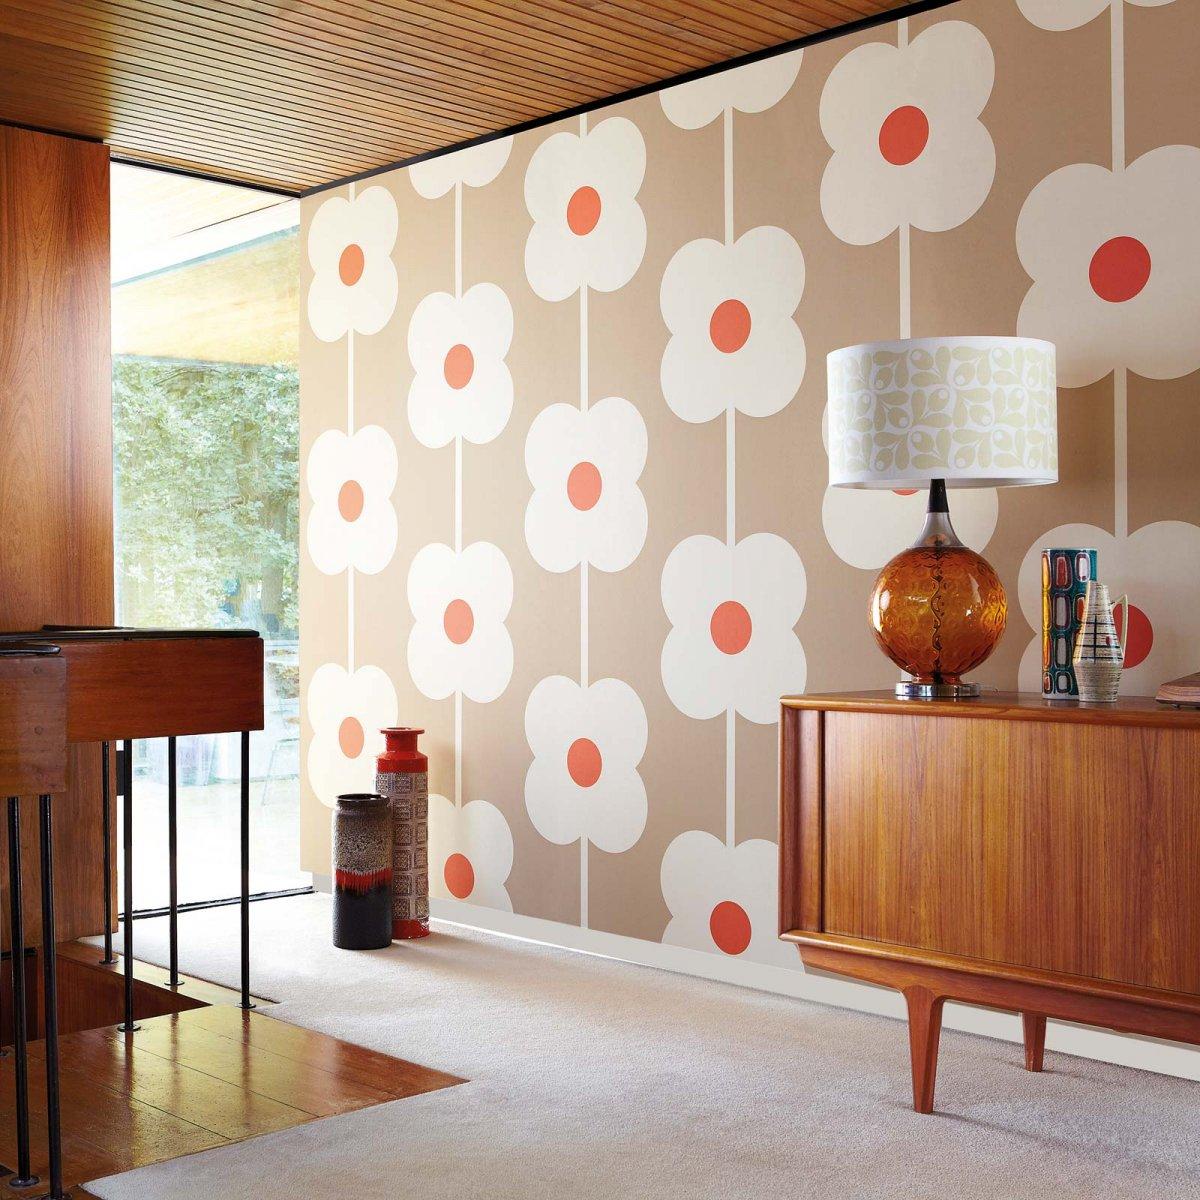 Papeles pintados para un estilo retro decoraci n del hogar - Papeles para decoracion ...